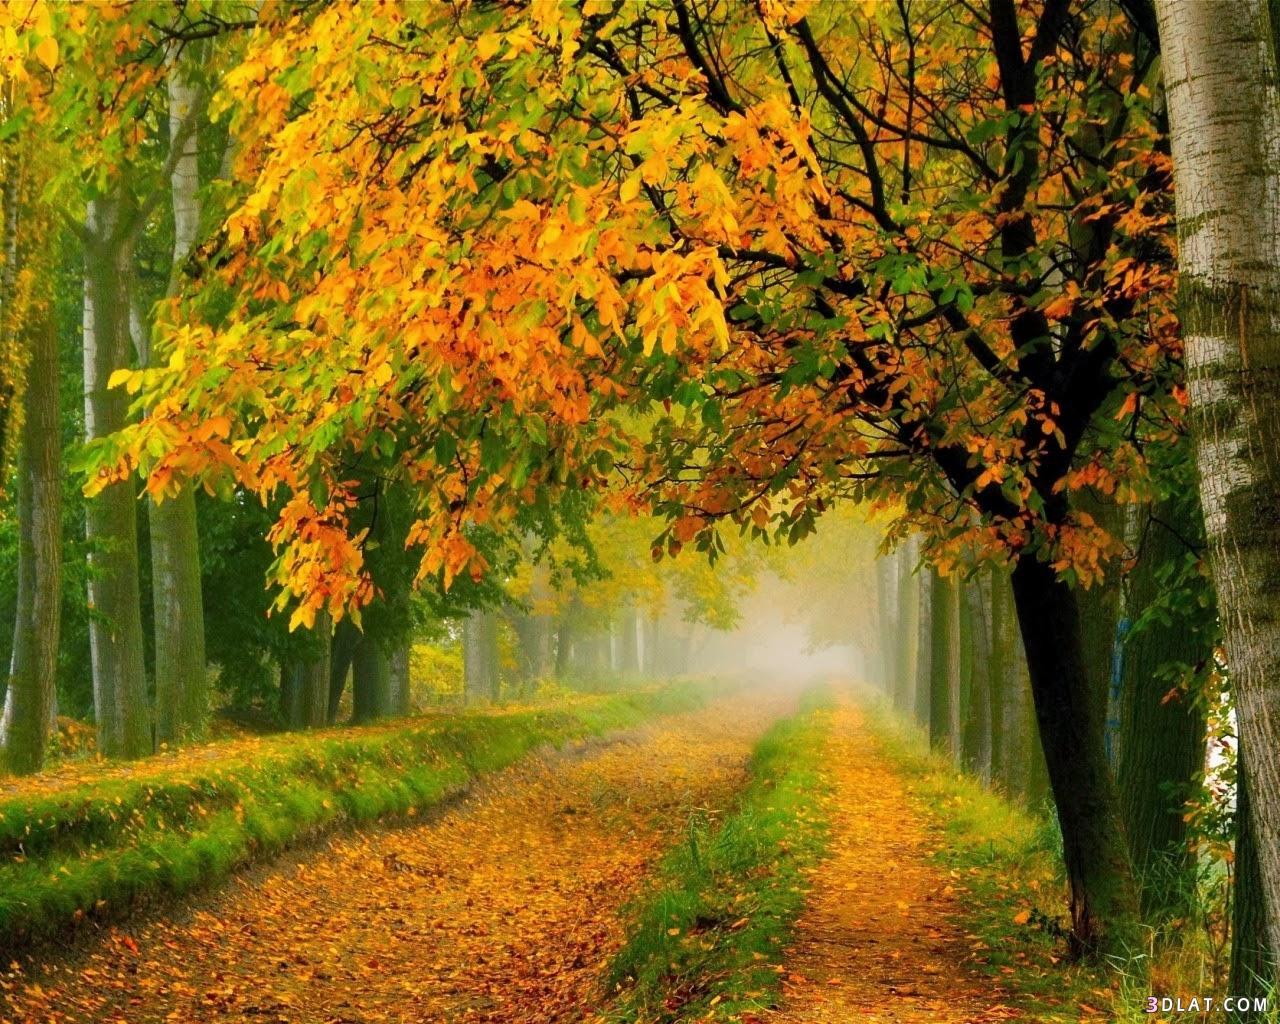 أجمل المناظر الطبيعية مناظر طبيعية خلابة 3dlat.com_14_18_13e6